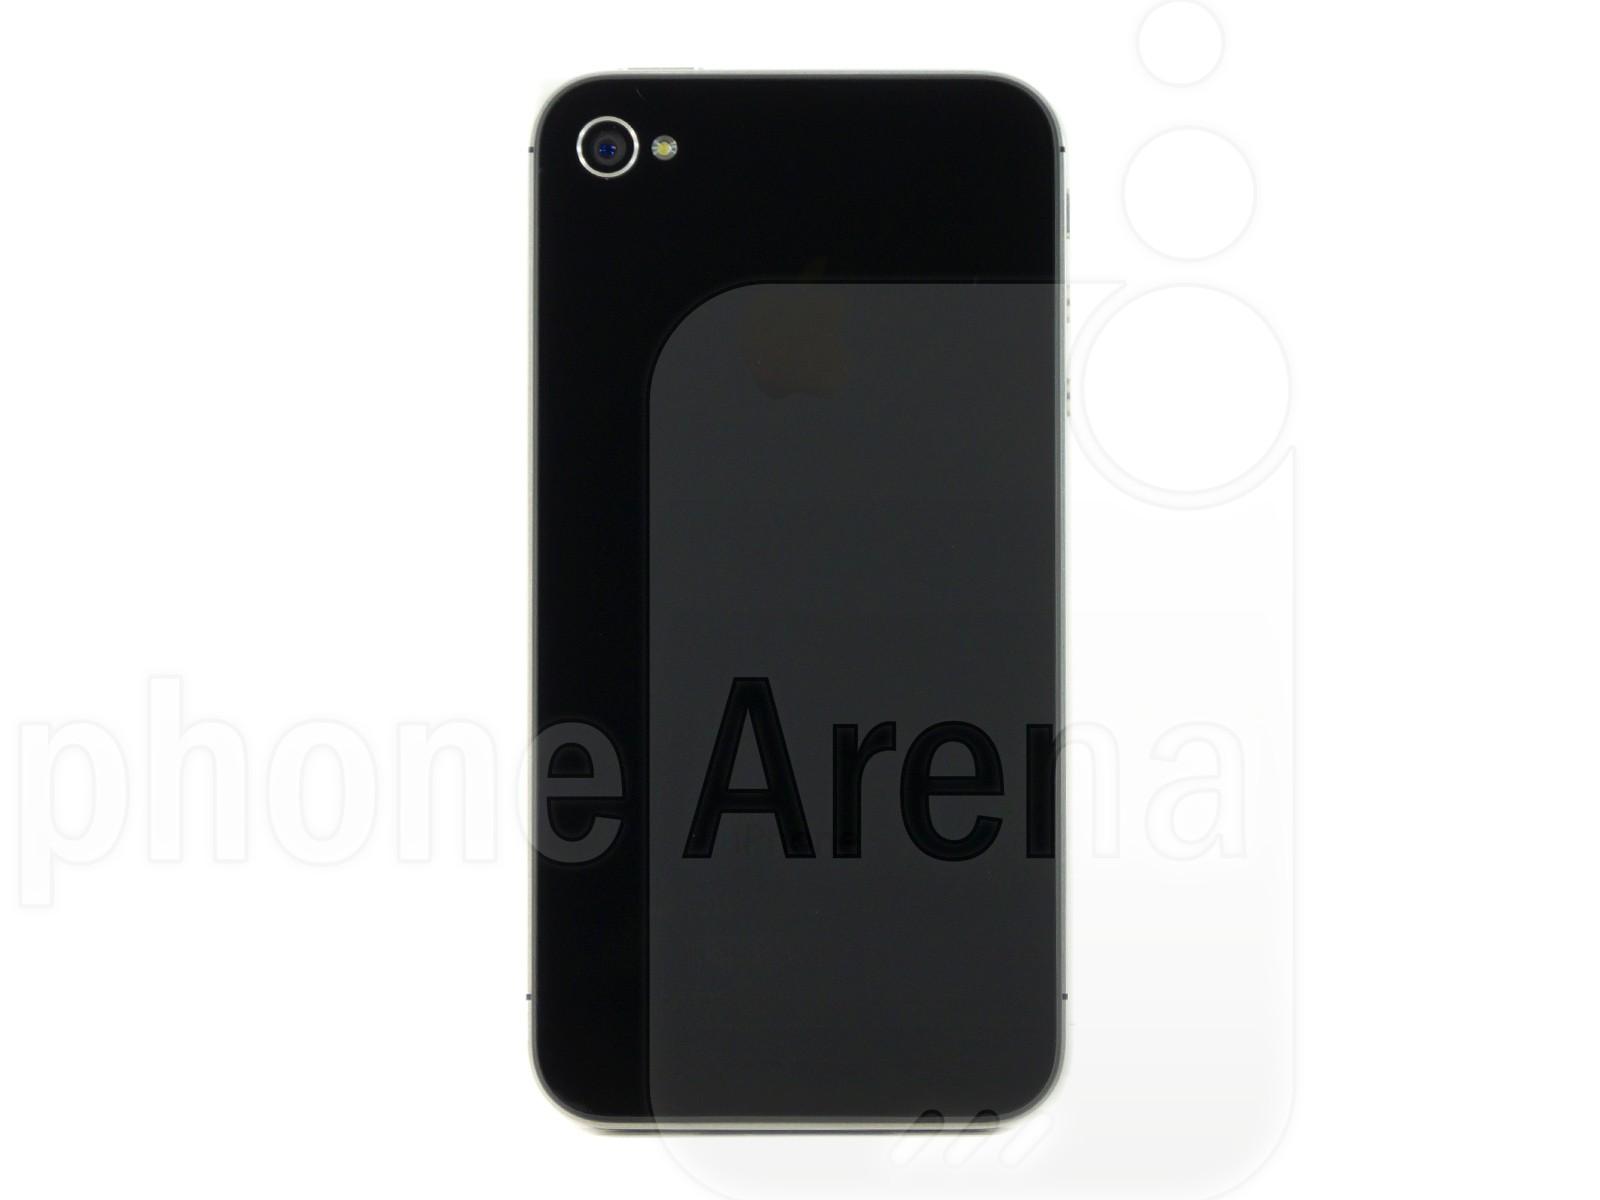 Apple iPhone 4s 5